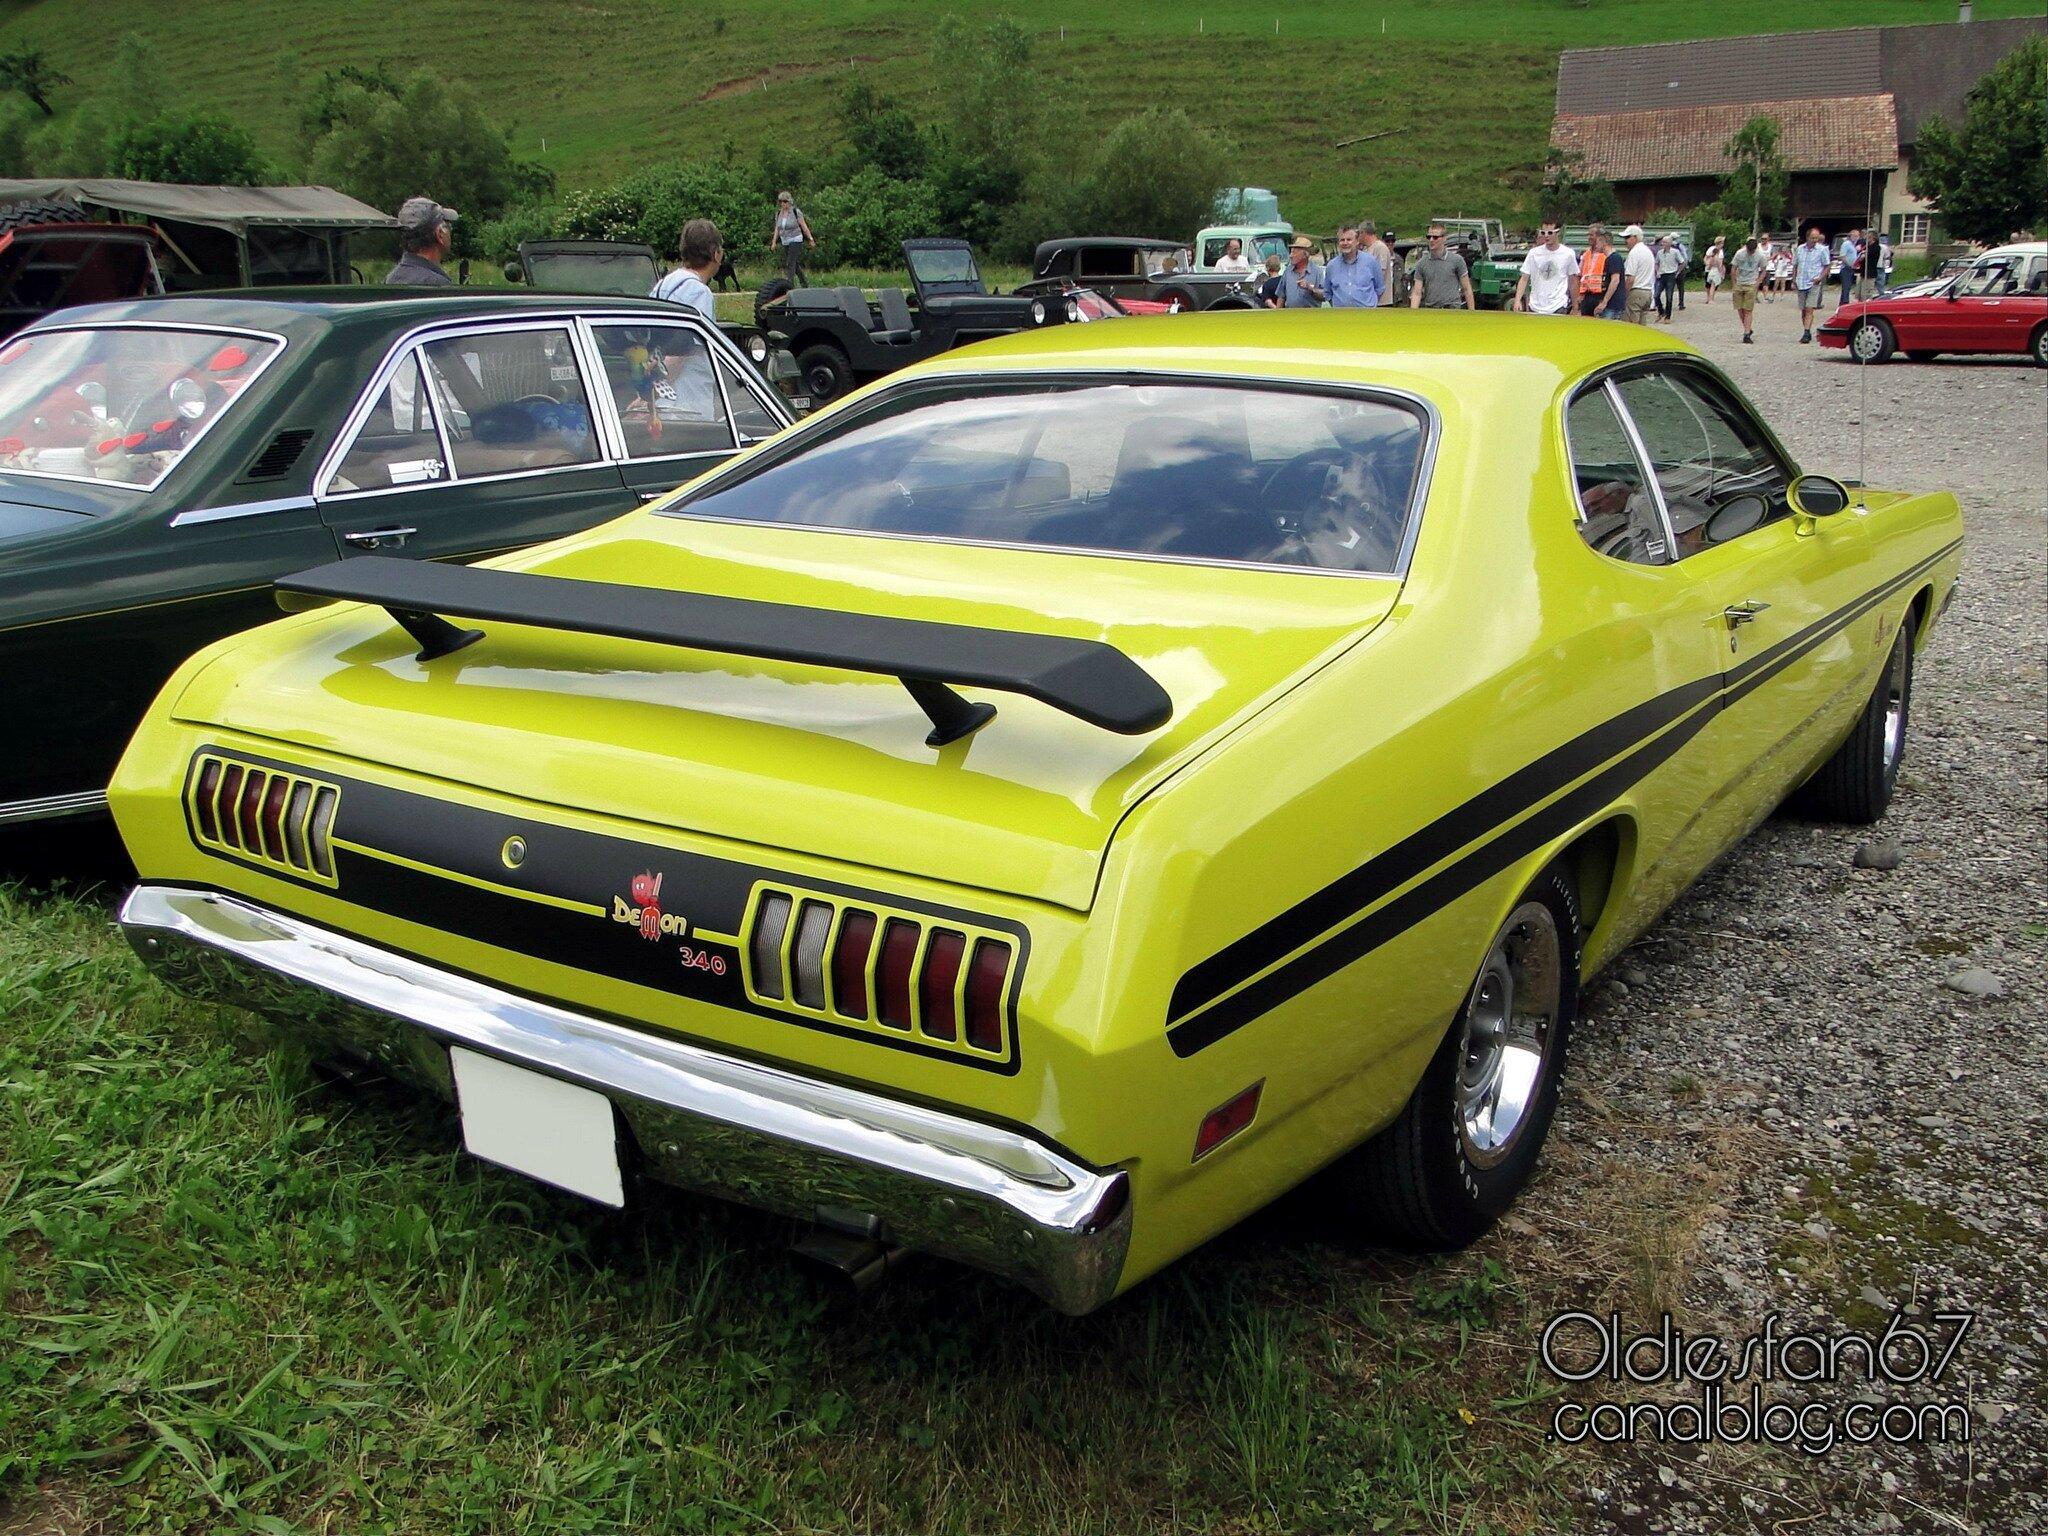 Dodge demon 340 fastback coupe 1971 oldiesfan67 quot mon blog auto quot